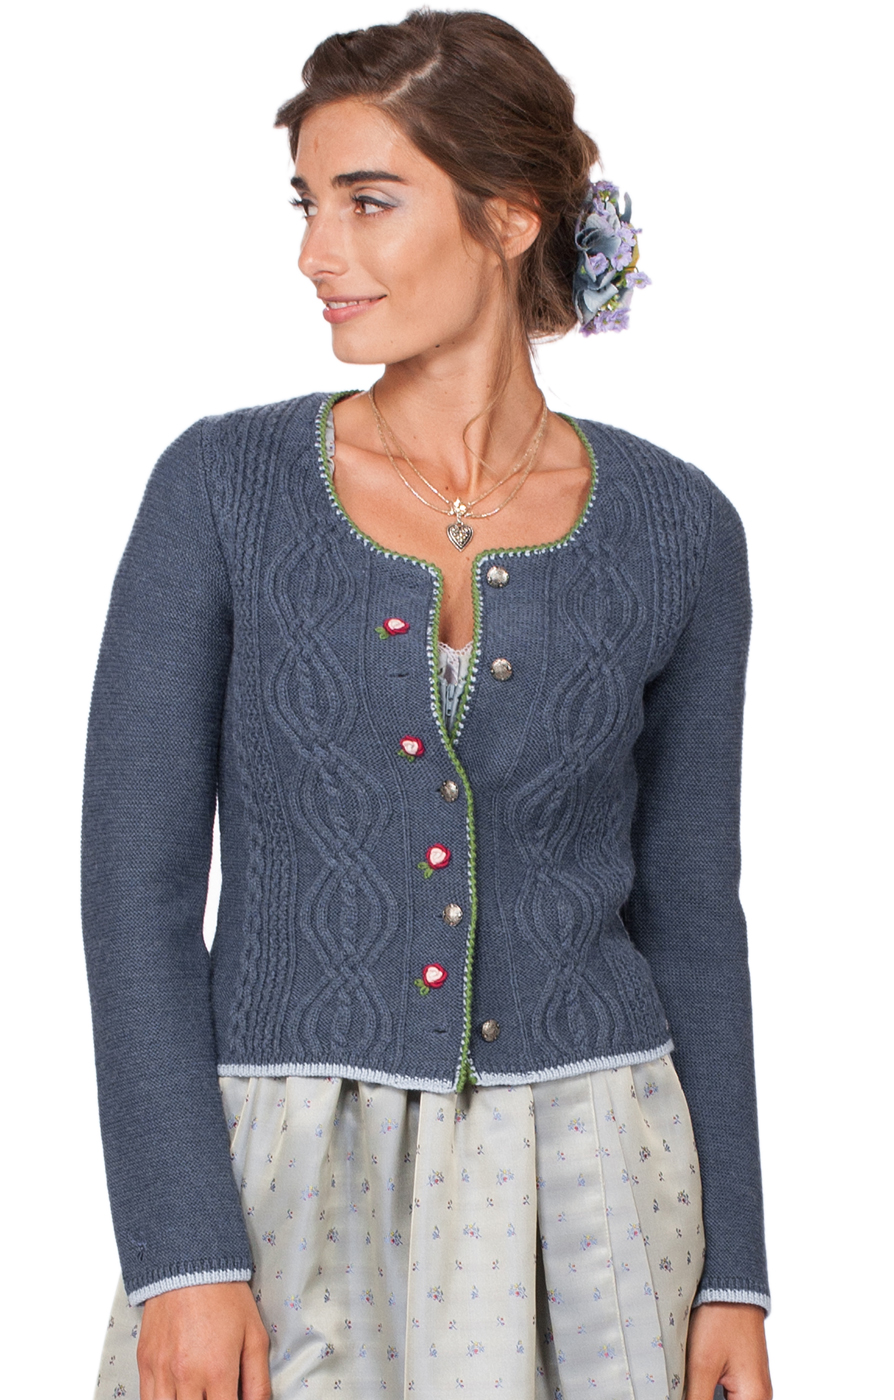 weitere Bilder von Giacca in maglia per Dirndl Fancy denimblu